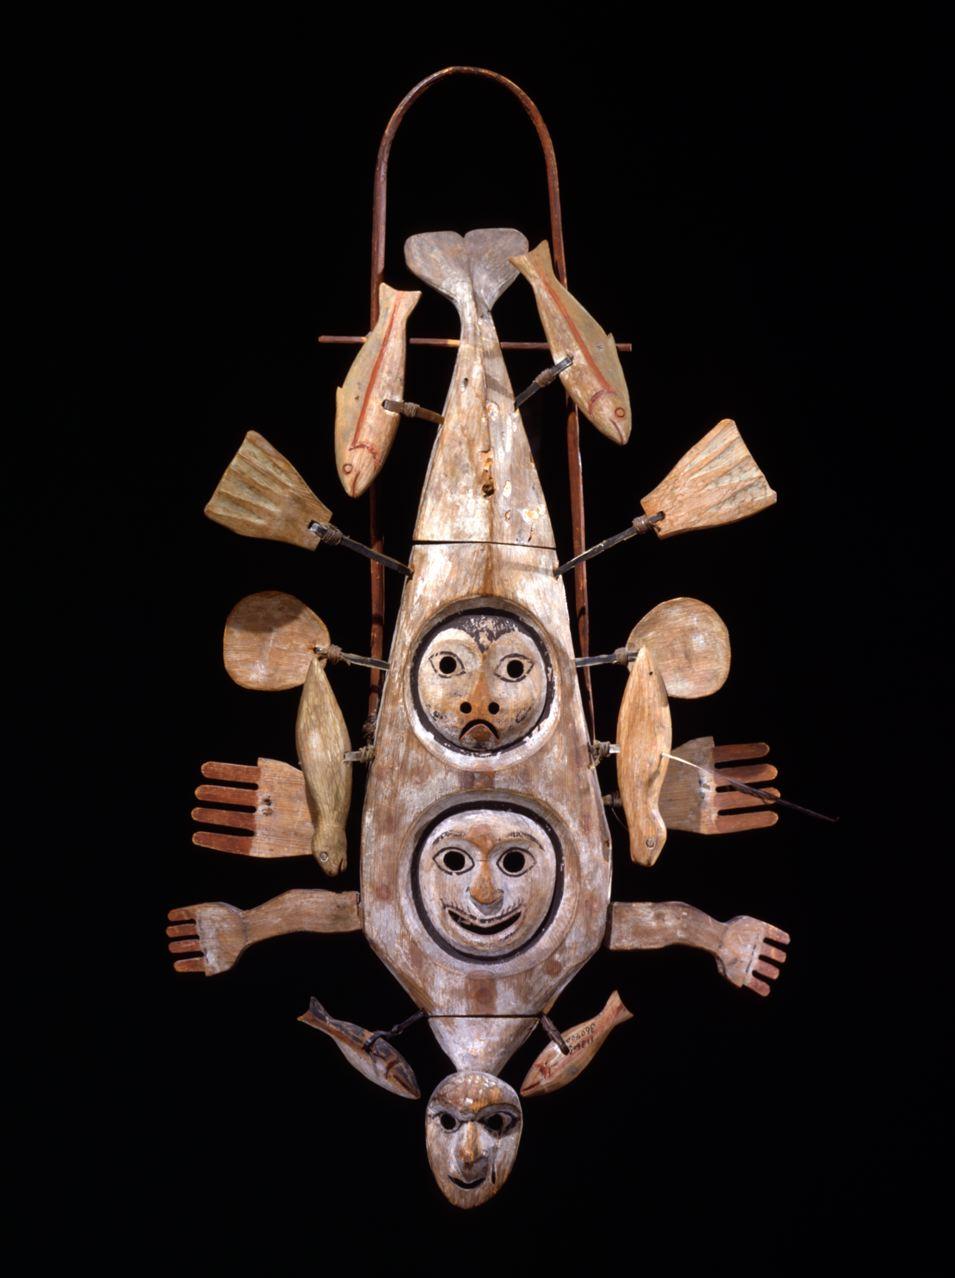 Eskimo (Yup'ik) Mask